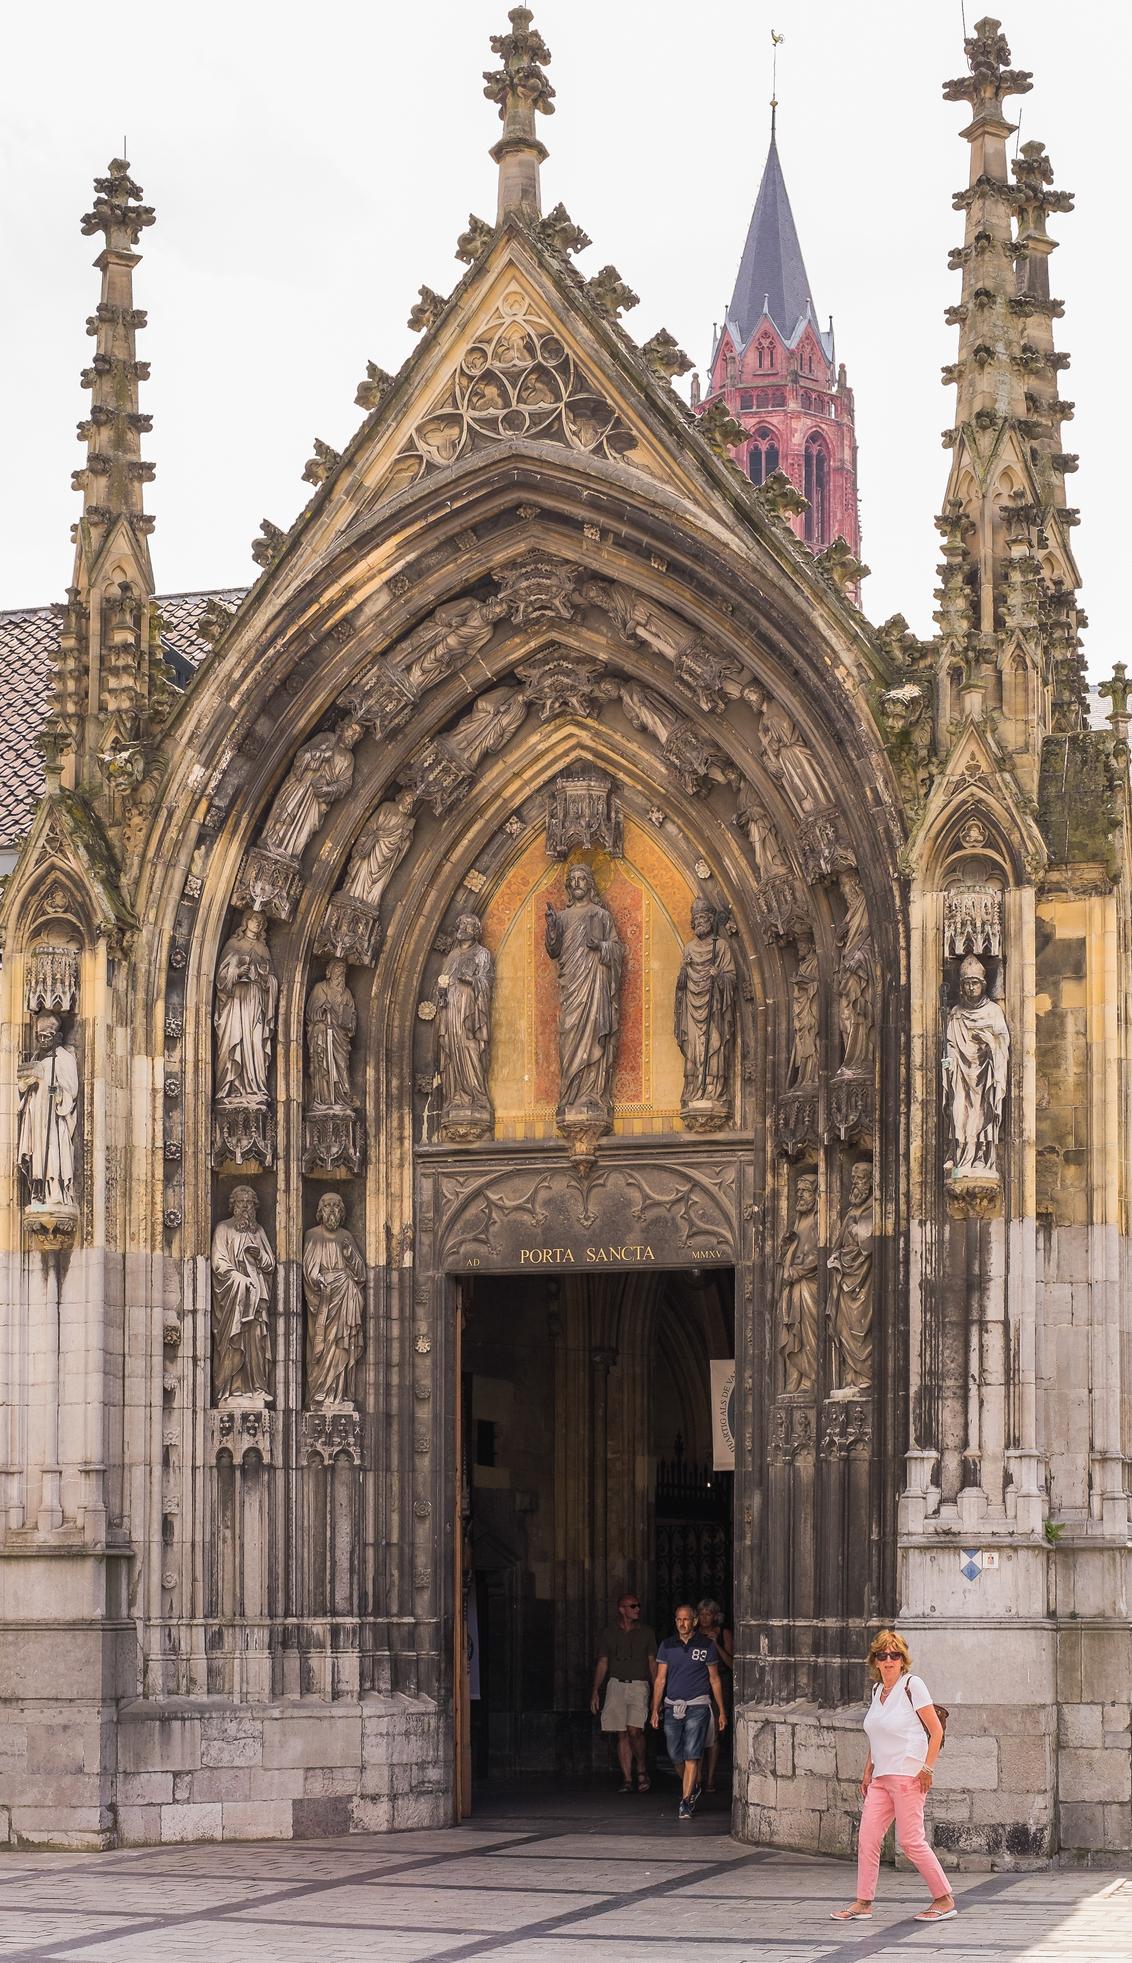 * Porta Sancta * - - - foto door AriEos op 06-12-2020